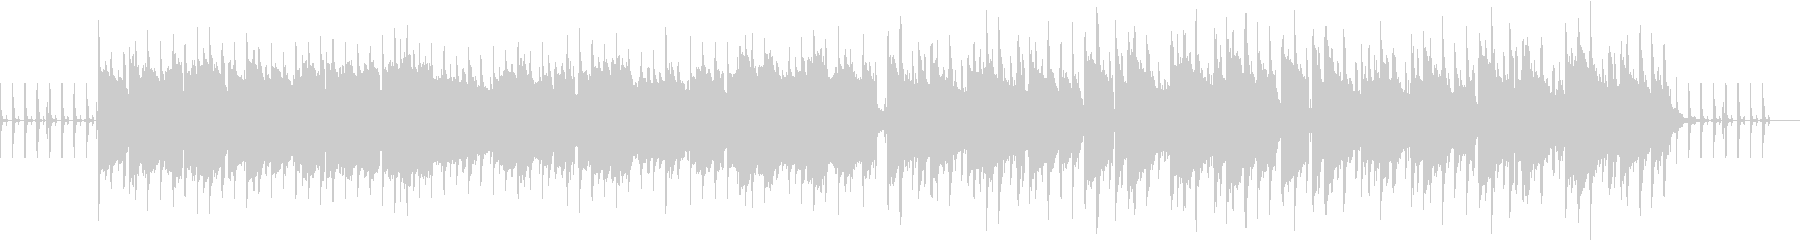 トレーニング・ストレッチ用 100BPMの未再生の波形